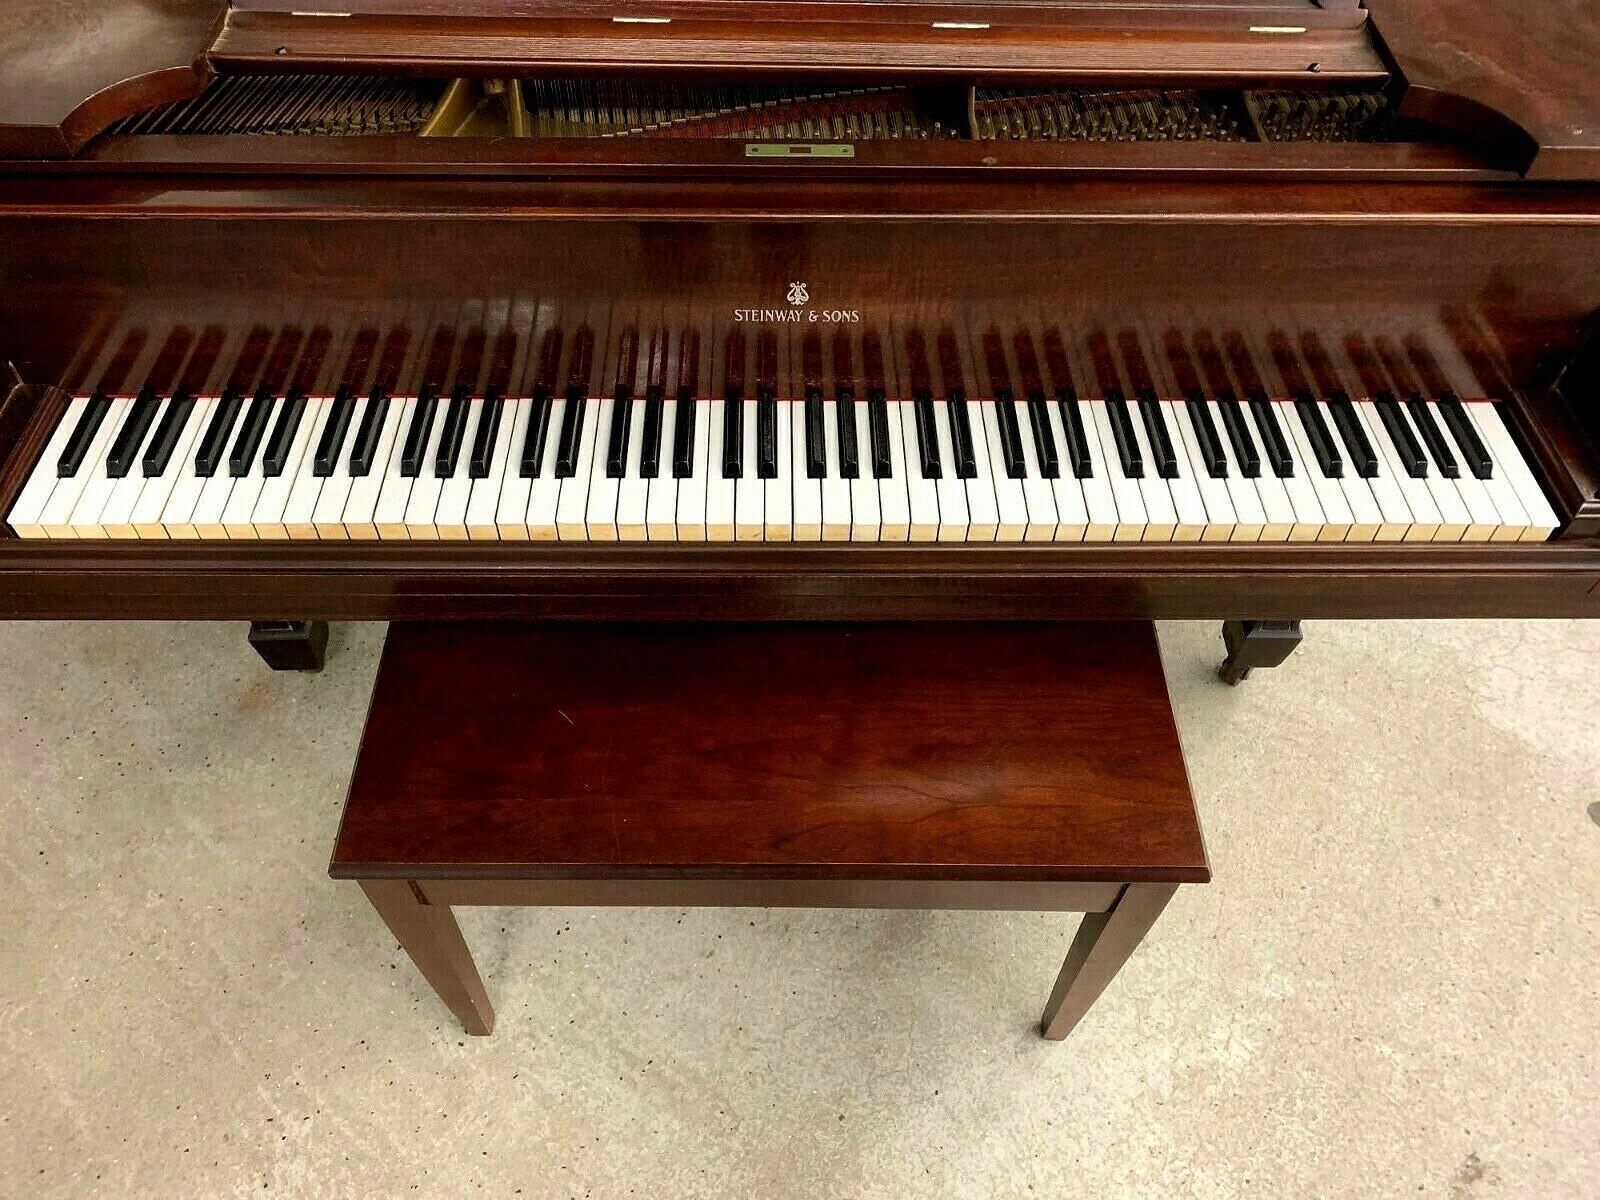 steinway piano dating